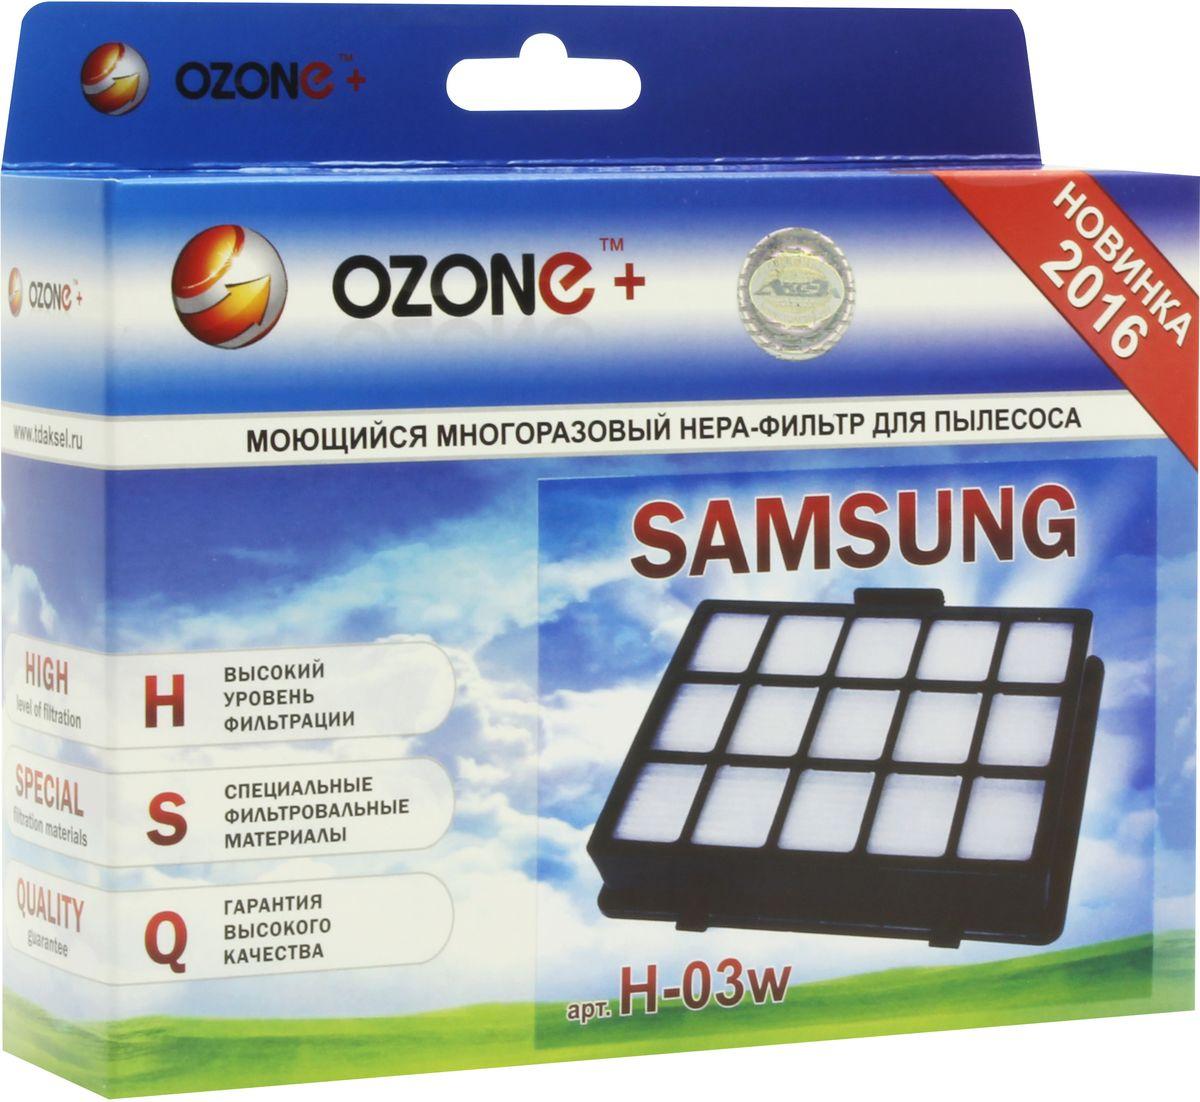 Ozone H-03W HEPA фильтр для пылесоса SamsungH-03wHEPA фильтр Ozone microne H-03W высокоэффективной очистки предназначен для завершающей очистки воздуха в помещении, которое требует высокое качество воздуха, например, медицинских помещений. Фильтр состоит из мелкопористых материалов, что служит эффективному задерживанию частиц размером до 0,3 мкм. Фильтры HEPA последнего поколения имеют степень очистки воздуха около 95-97%. Фильтры подлежат к промывке, а значит, они не являются одноразовыми.